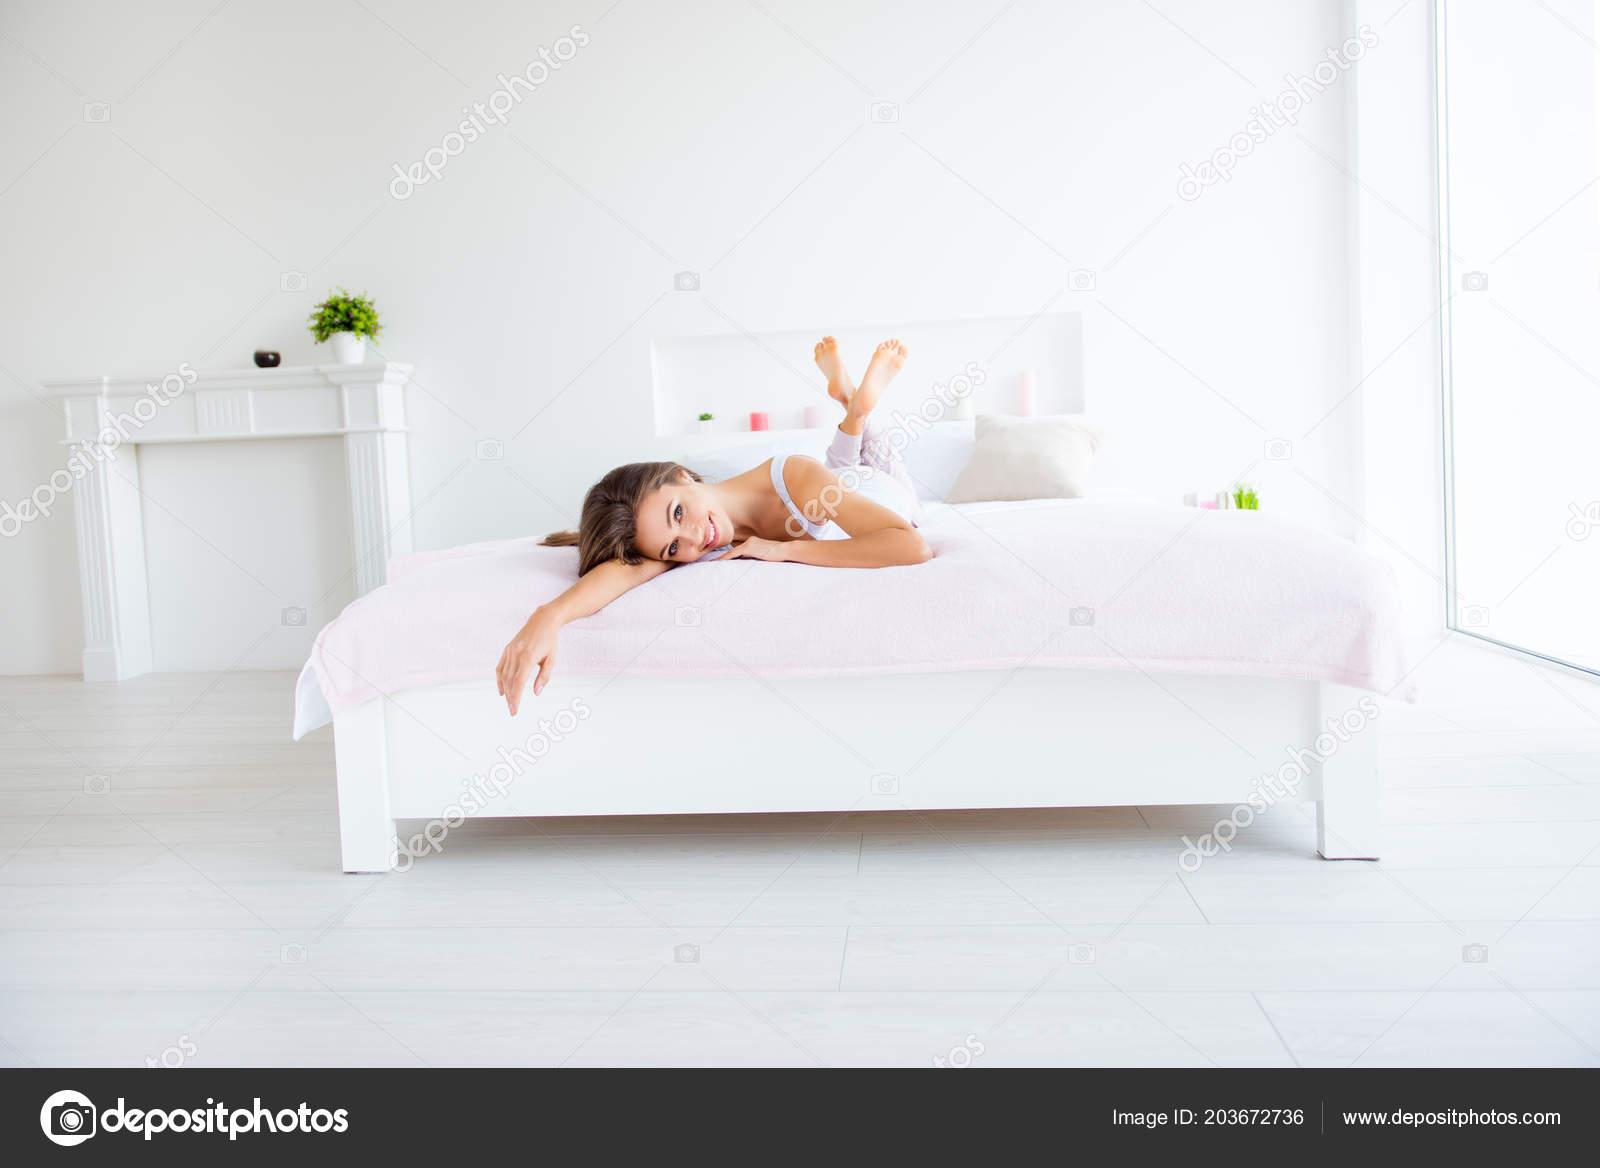 nezhnaya-v-posteli